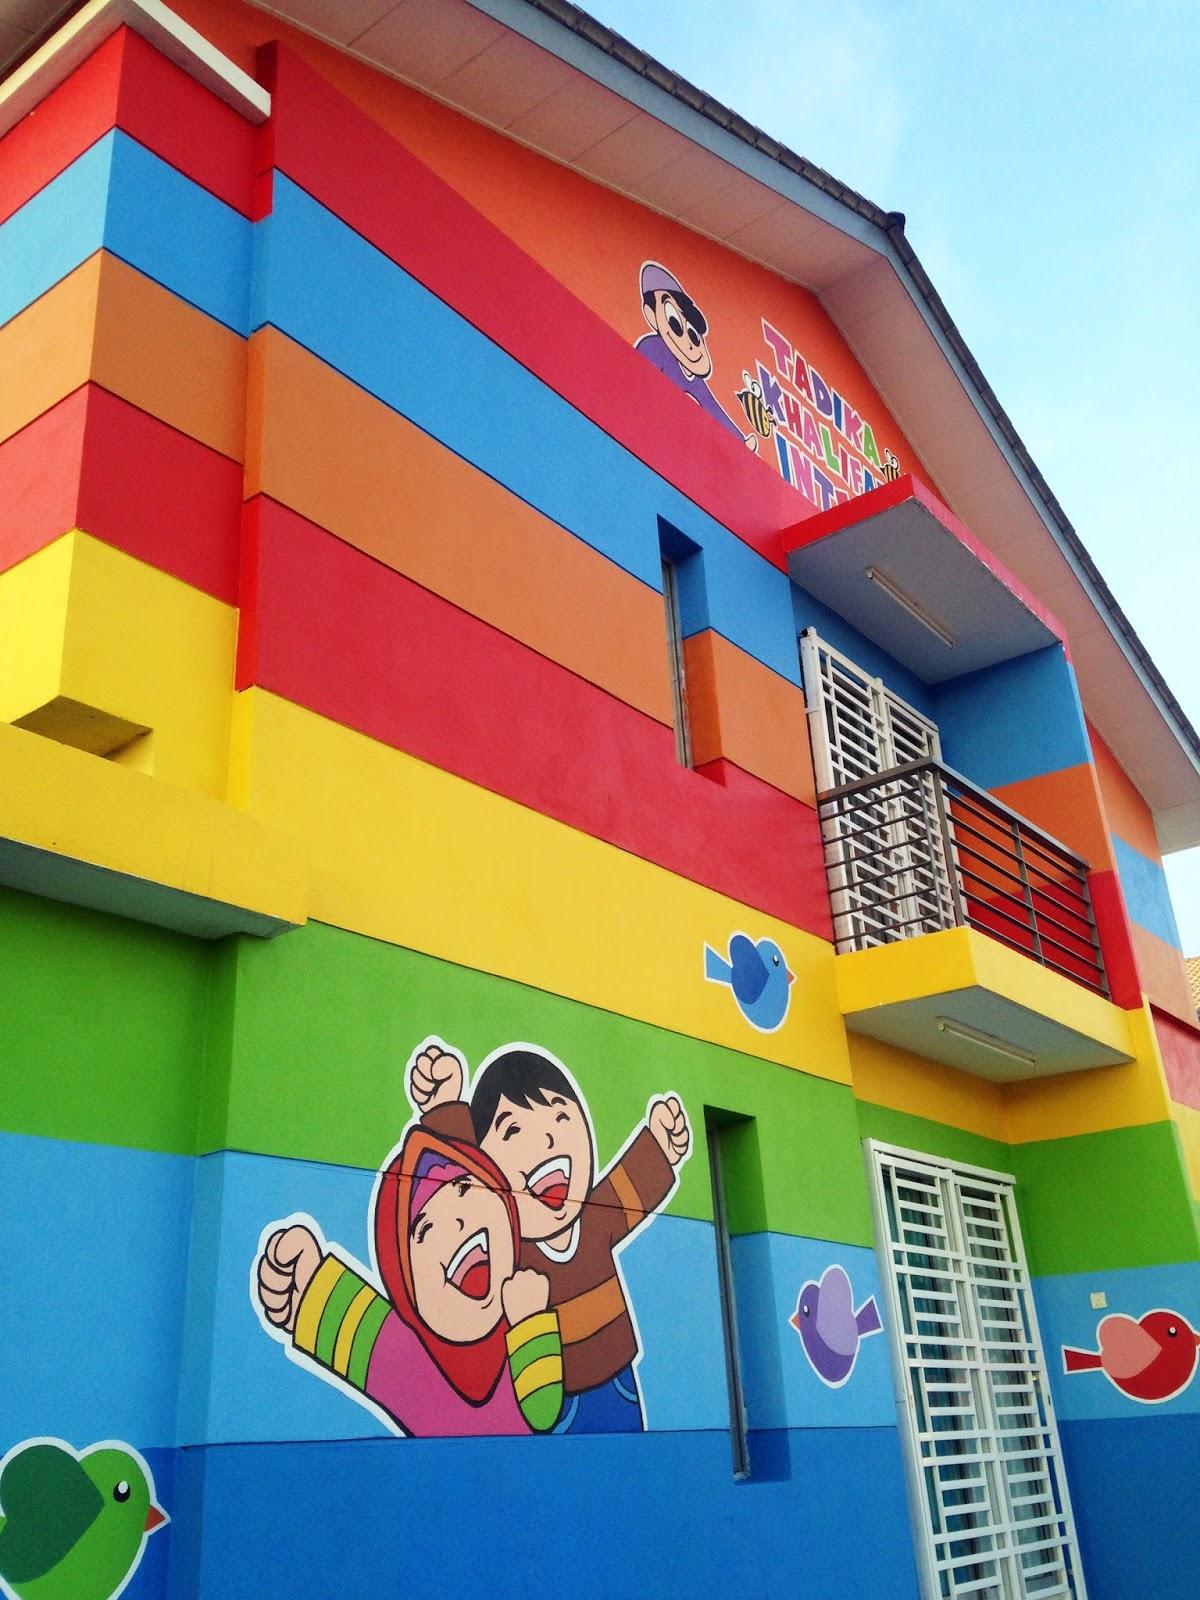 warna arts mural tadika khalifah intelek